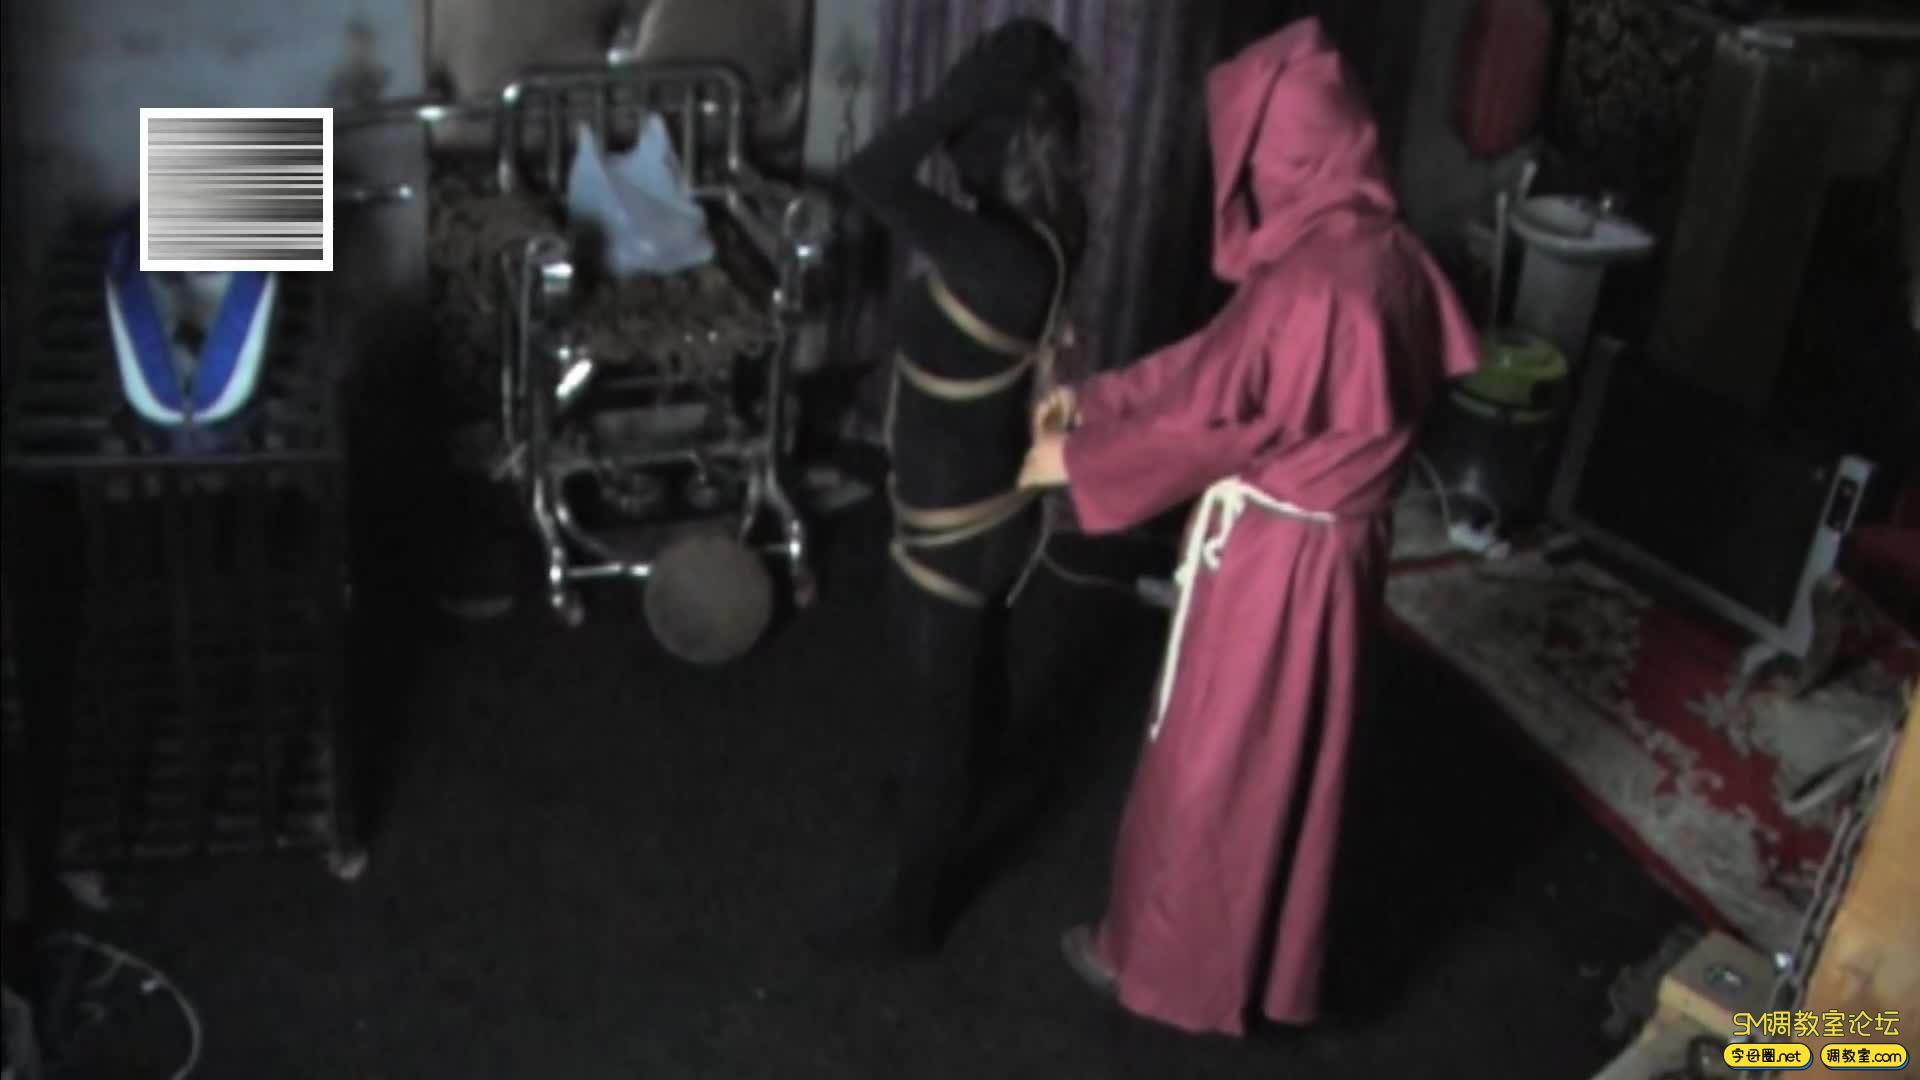 禅狱工作室_D乳黑衣女吊缚鞭打-视频截图2